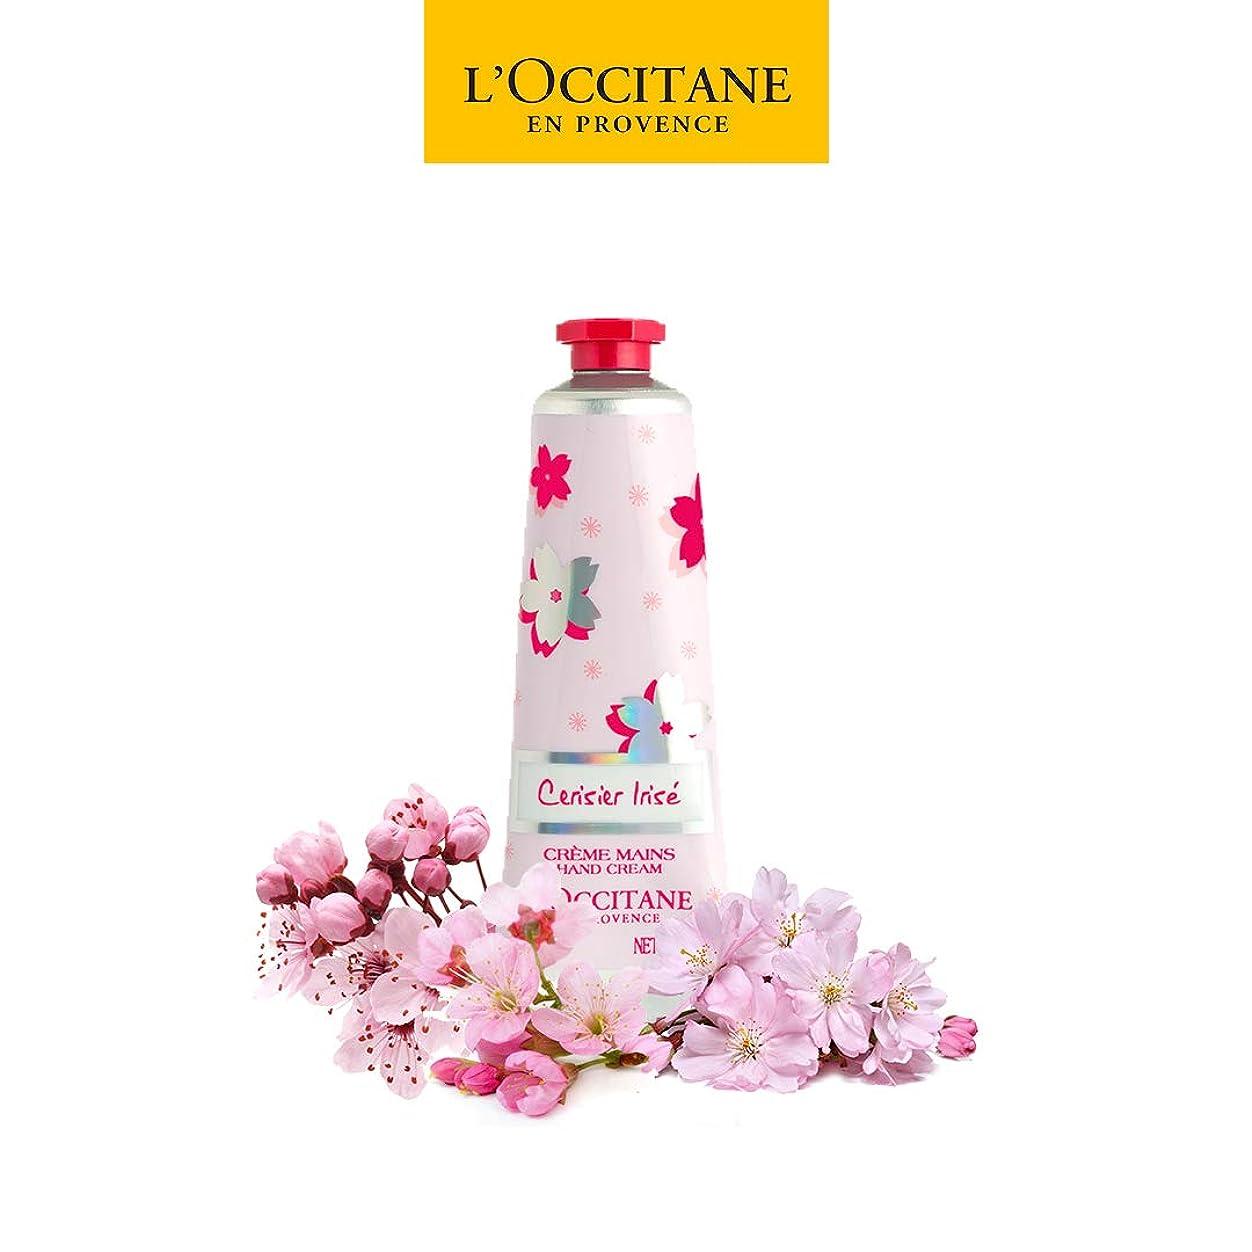 ロクシタン(L'OCCITANE) チェリープリズム ハンドクリーム 30ml